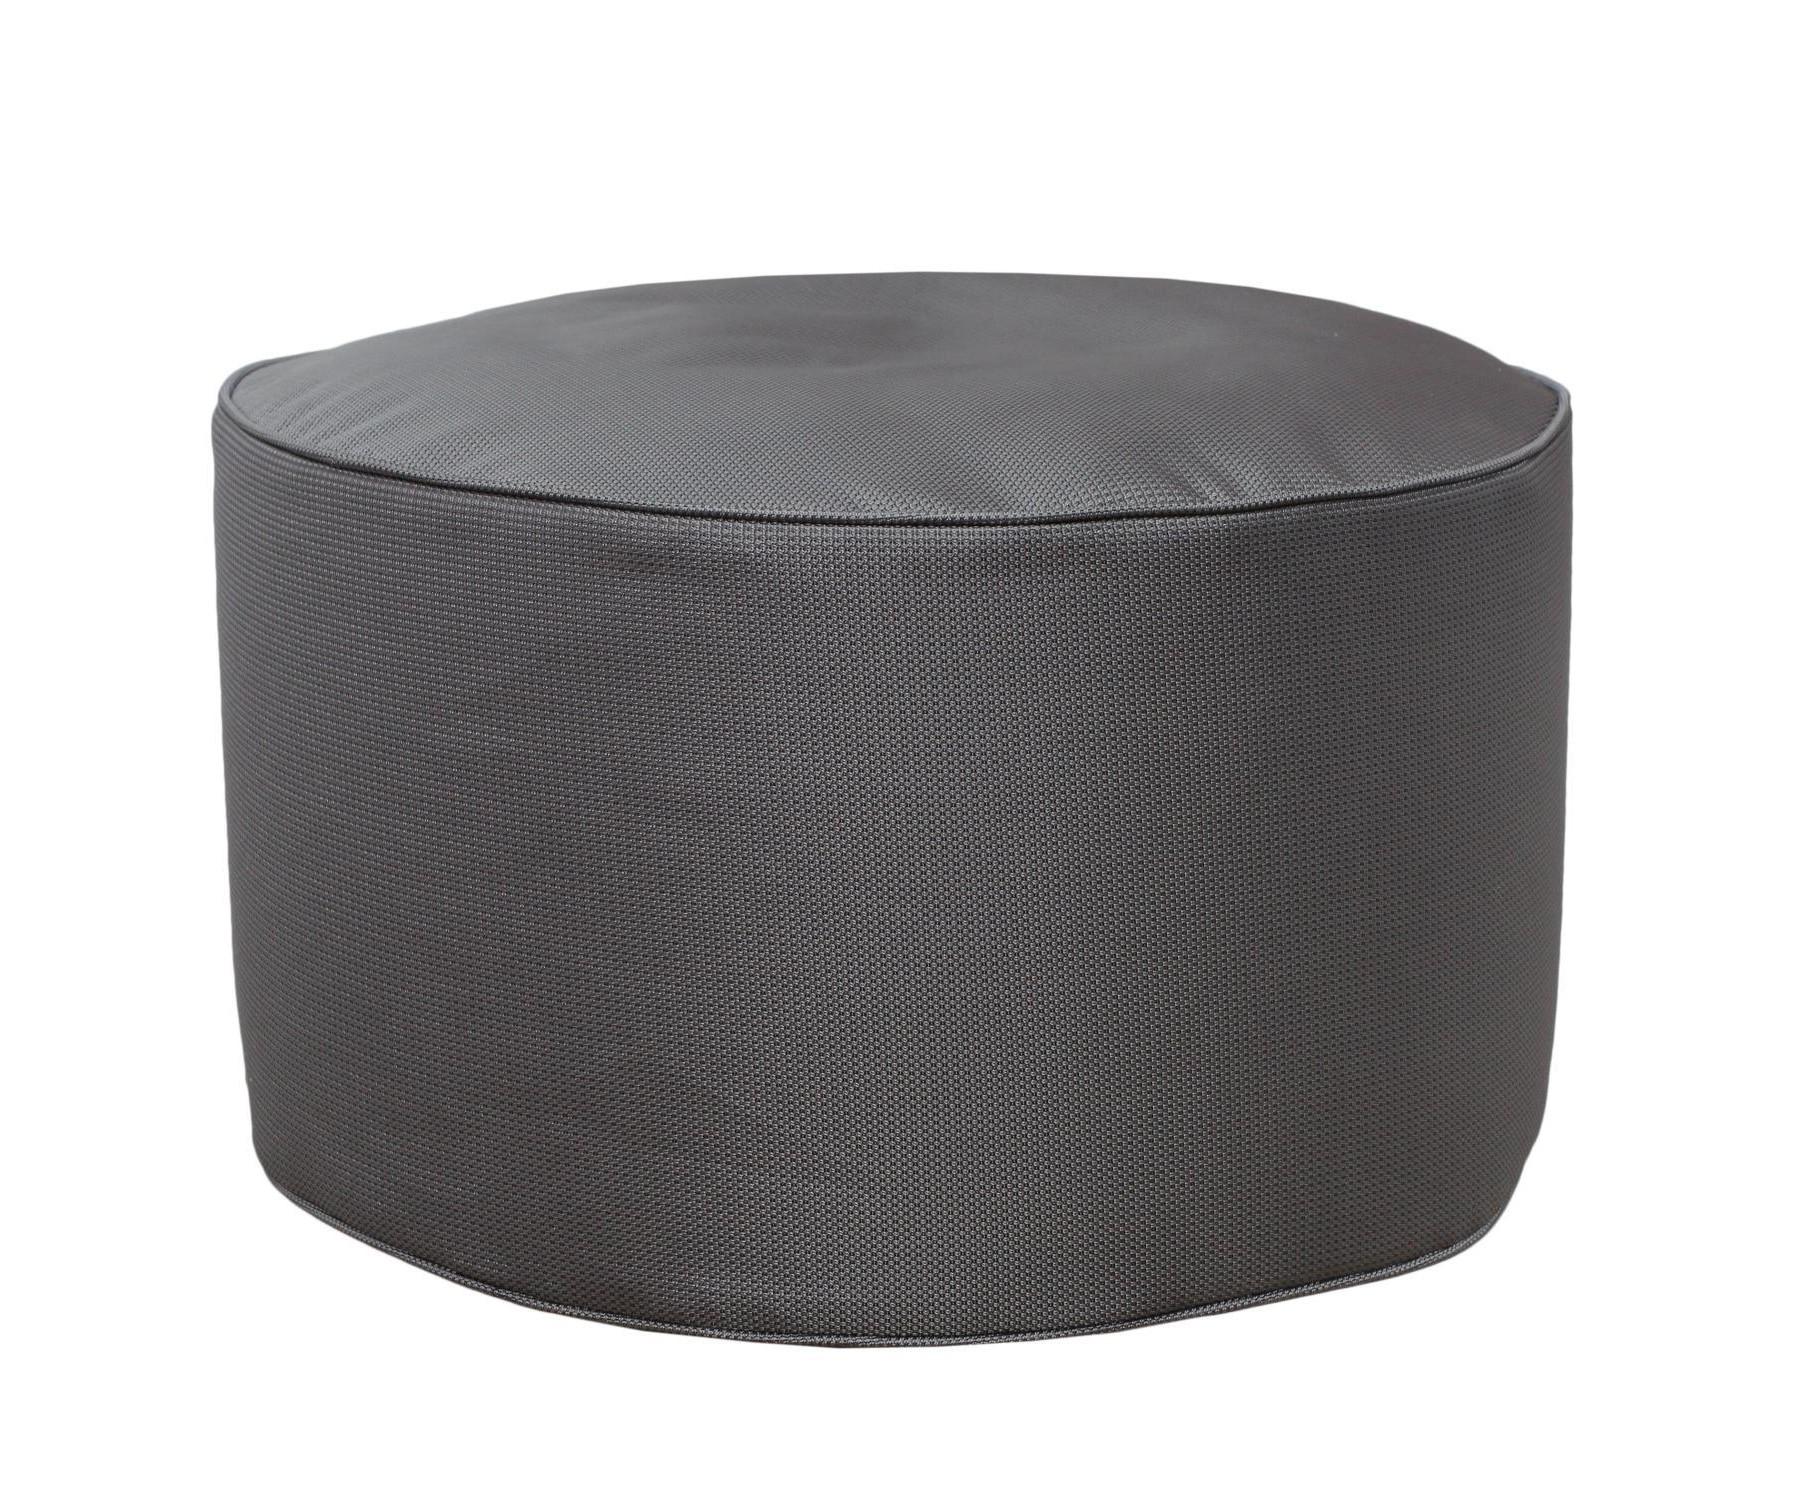 Круглый пуф  SilverФорменные пуфы<br>Этот круглый пуф необыкновенно легок (900 гр) и функционален. Пуф сшит из очень плотной ткани с водооталкивающим покрытием с внешней стороны, поэтому идеально подойтет для уличного декора.При загрязнении его достаточно протереть мокрой салфеткой.<br><br>Material: Текстиль<br>Height см: 30<br>Diameter см: 55